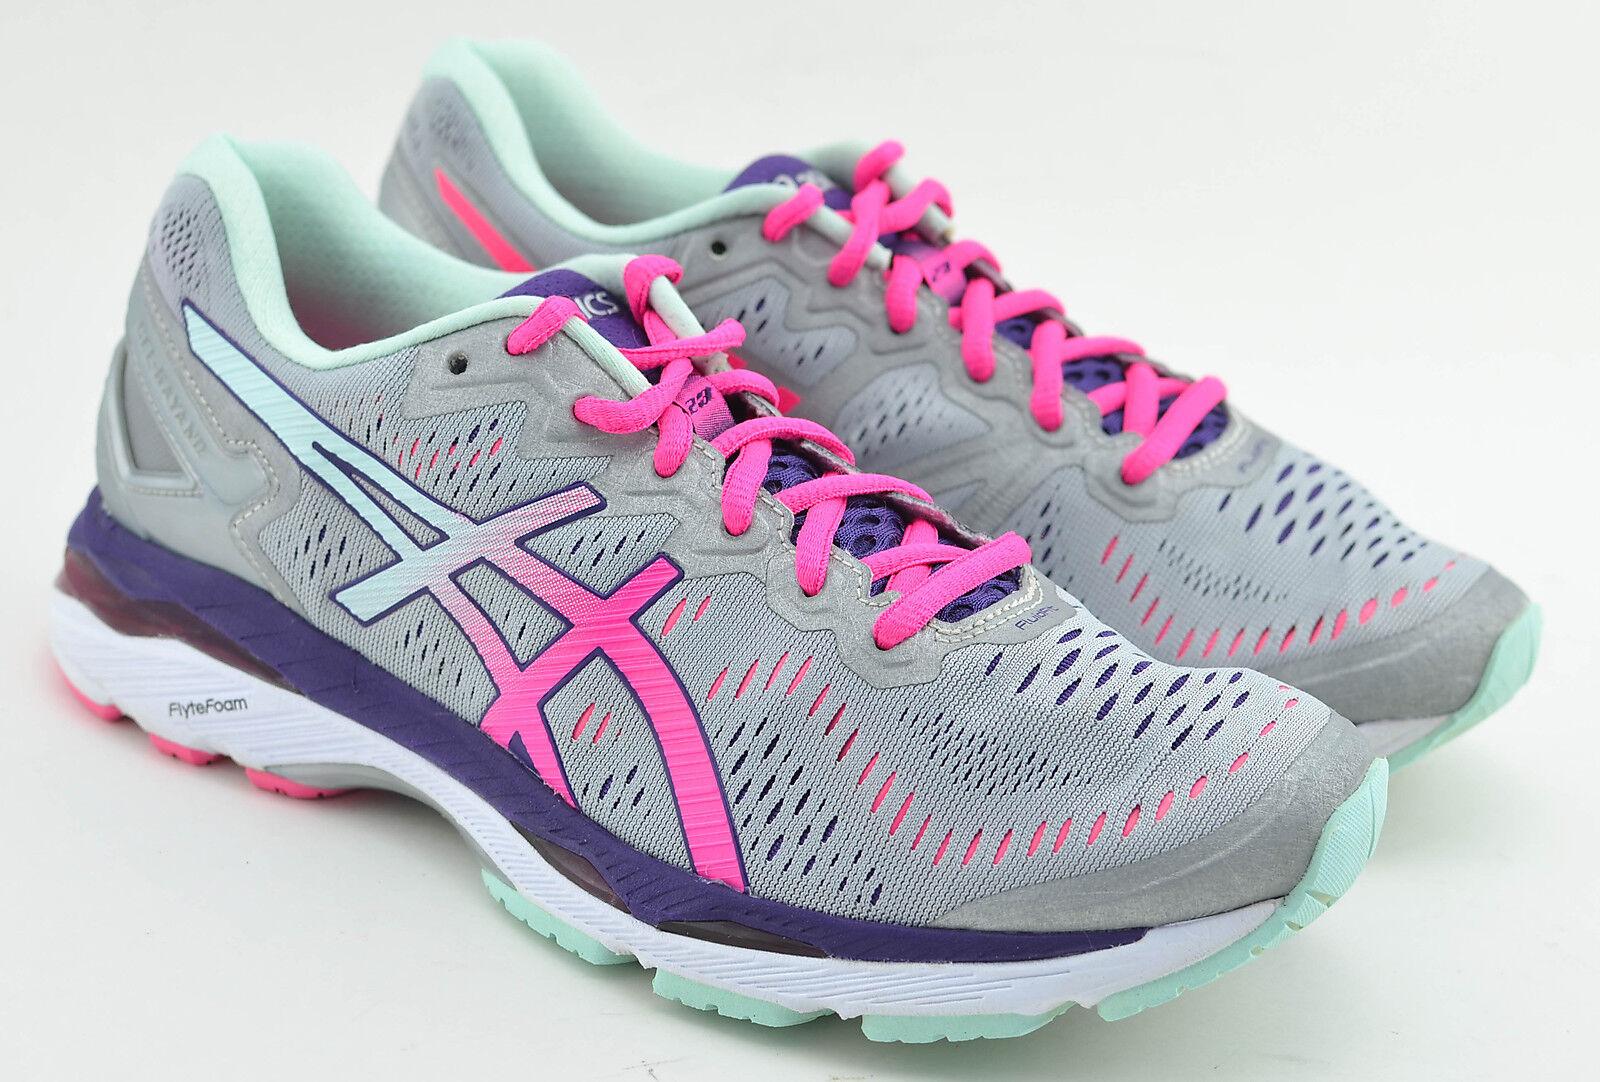 Mujer Asics Gel Kayano 9 23 running Zapatos Size 9 Kayano Gris Rosa Morado Blanco t696n especial de tiempo limitado f2791a